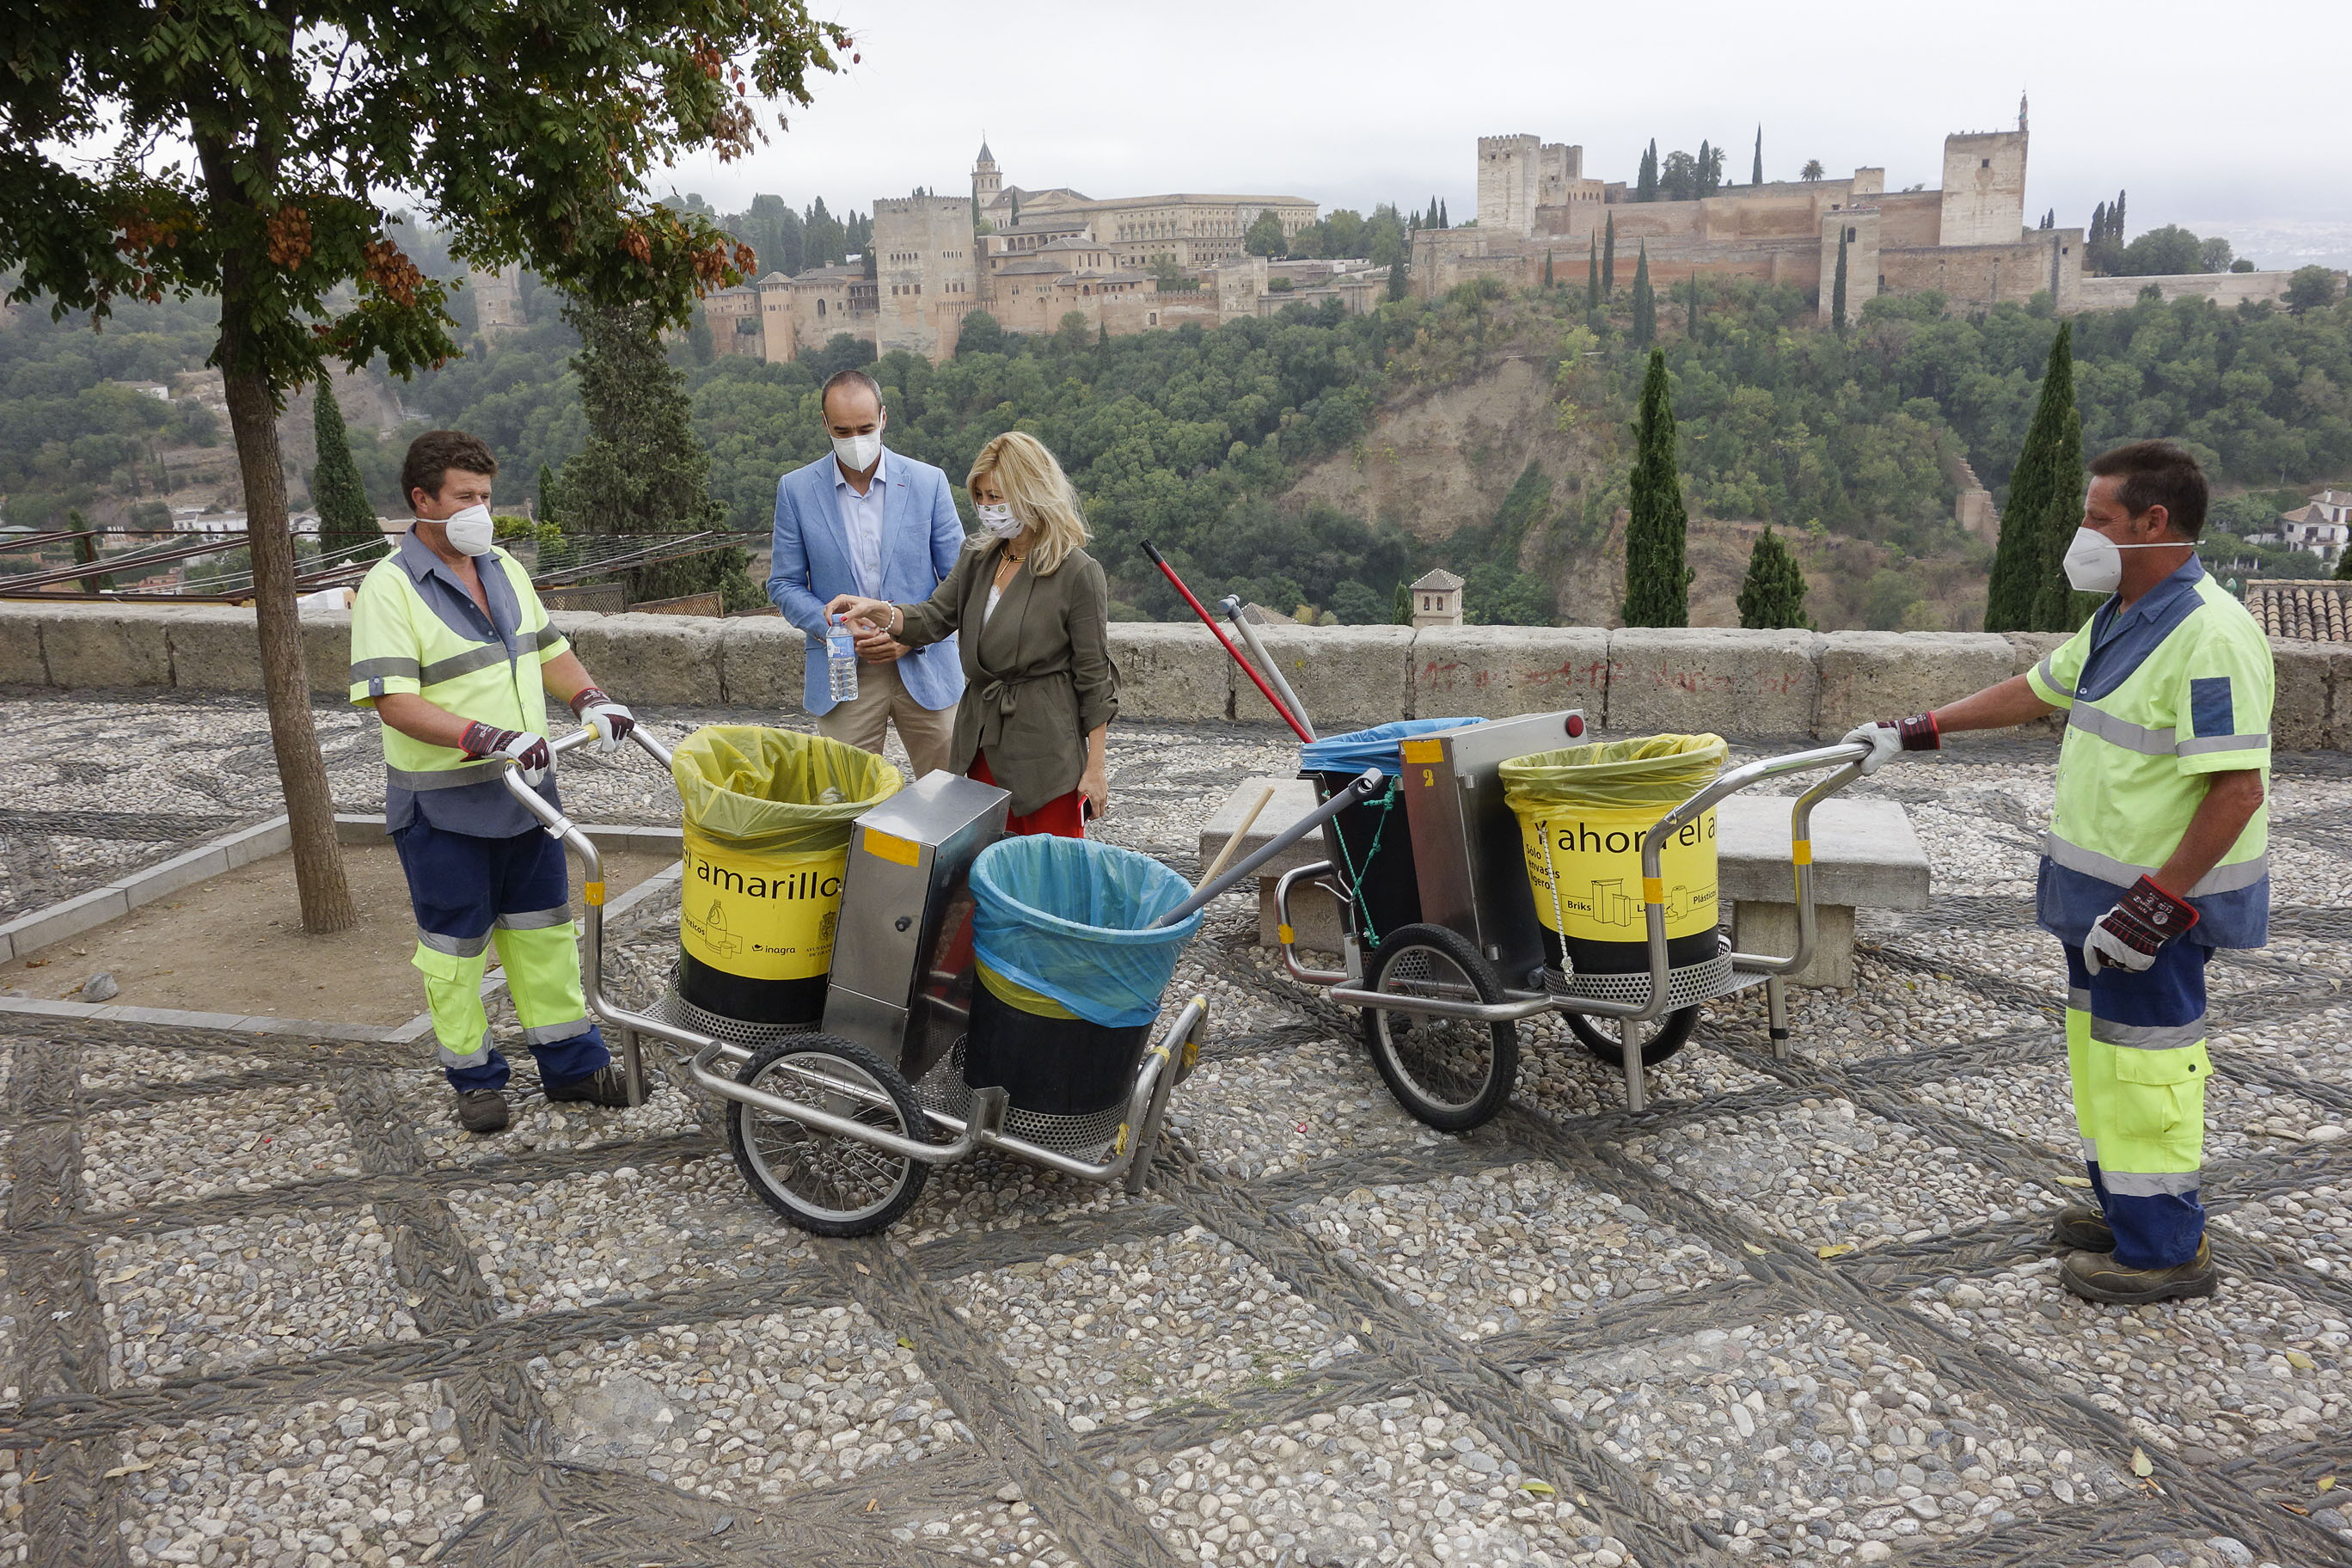 Inagra adapta su carros de limpieza para una recogida selectiva de residuos